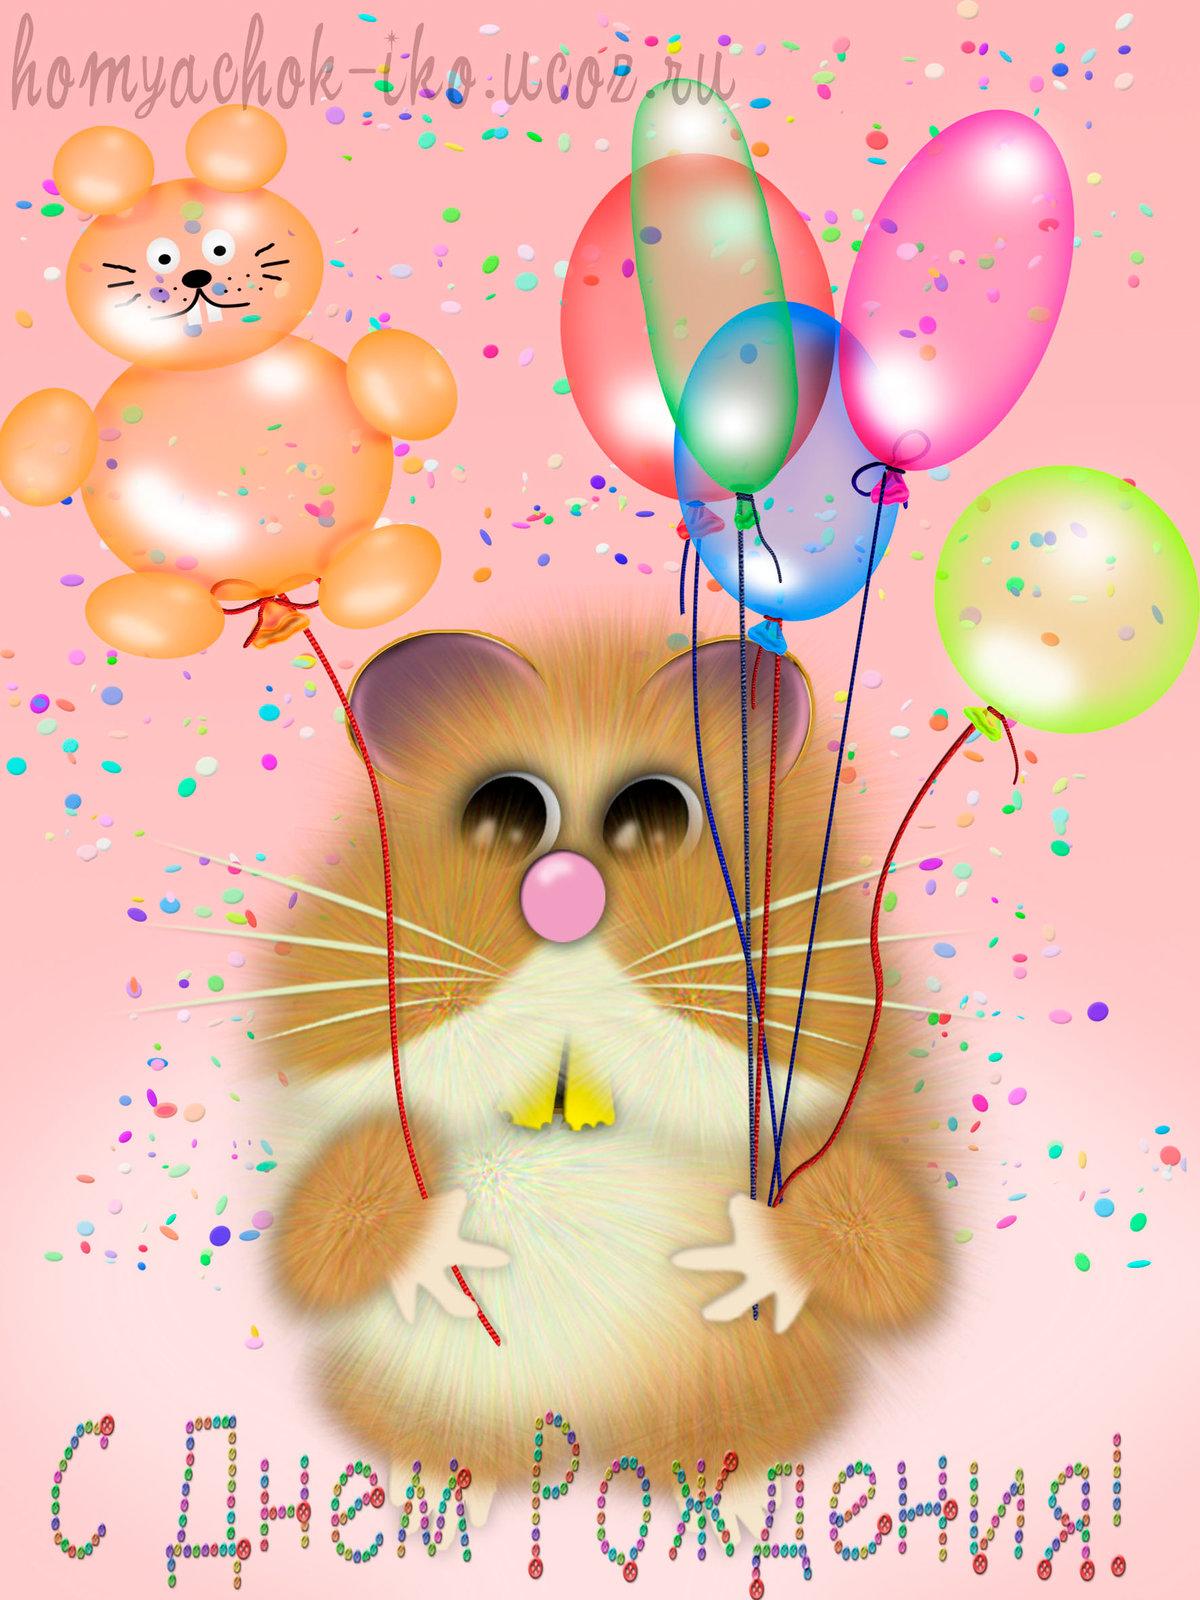 Картинки с днем рождения даниль